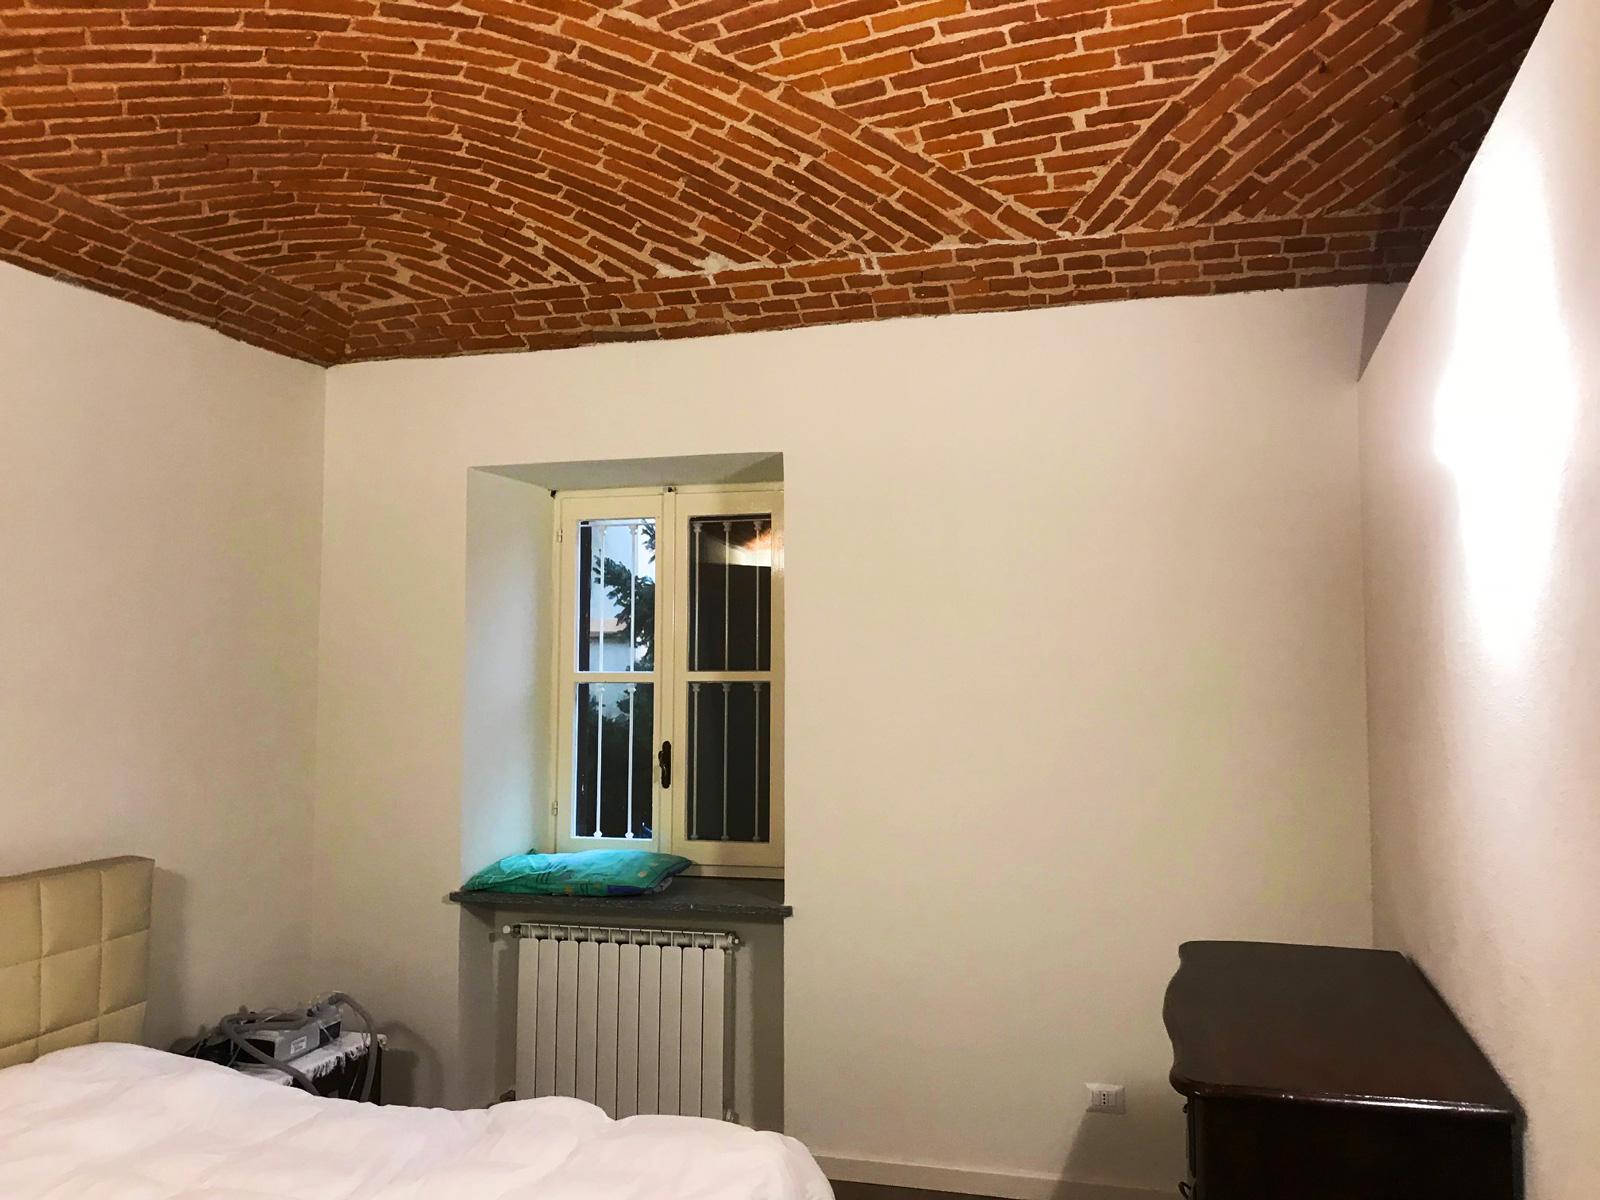 Plafoniere A Led Per Scale Condominiali : Lampadari per ingresso condominio: illuminazione esterni guida